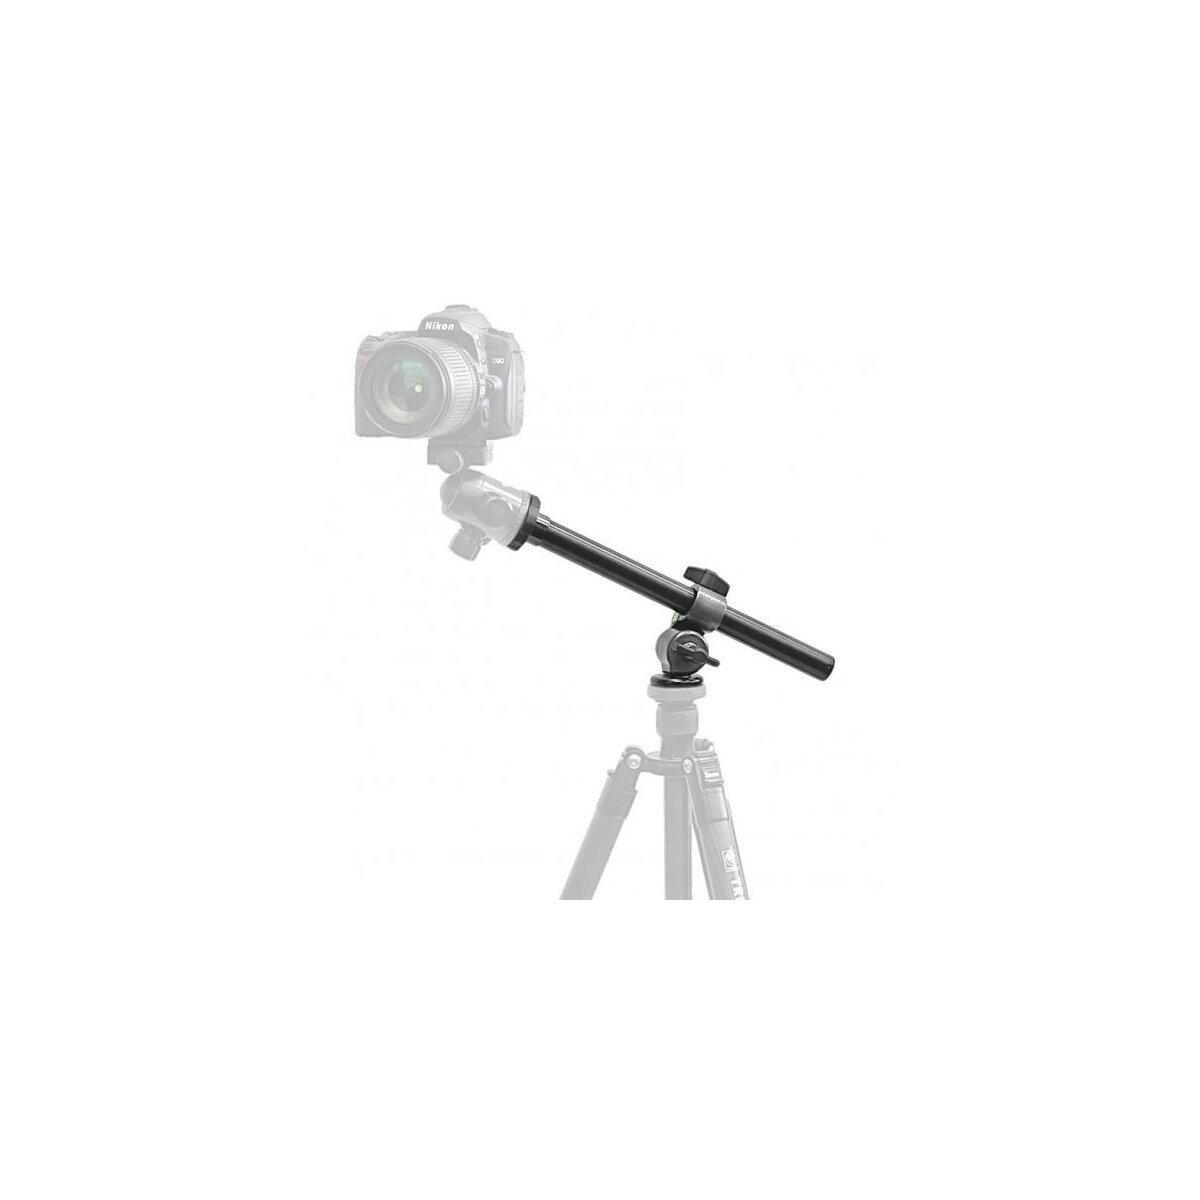 Impulsfoto Mittelsäule Auslegearm 32cm, Außenaufnahmen Überkopfaufnahmen Panorama und ungewöhnliche Perspektiven, belastbar bis 5kg